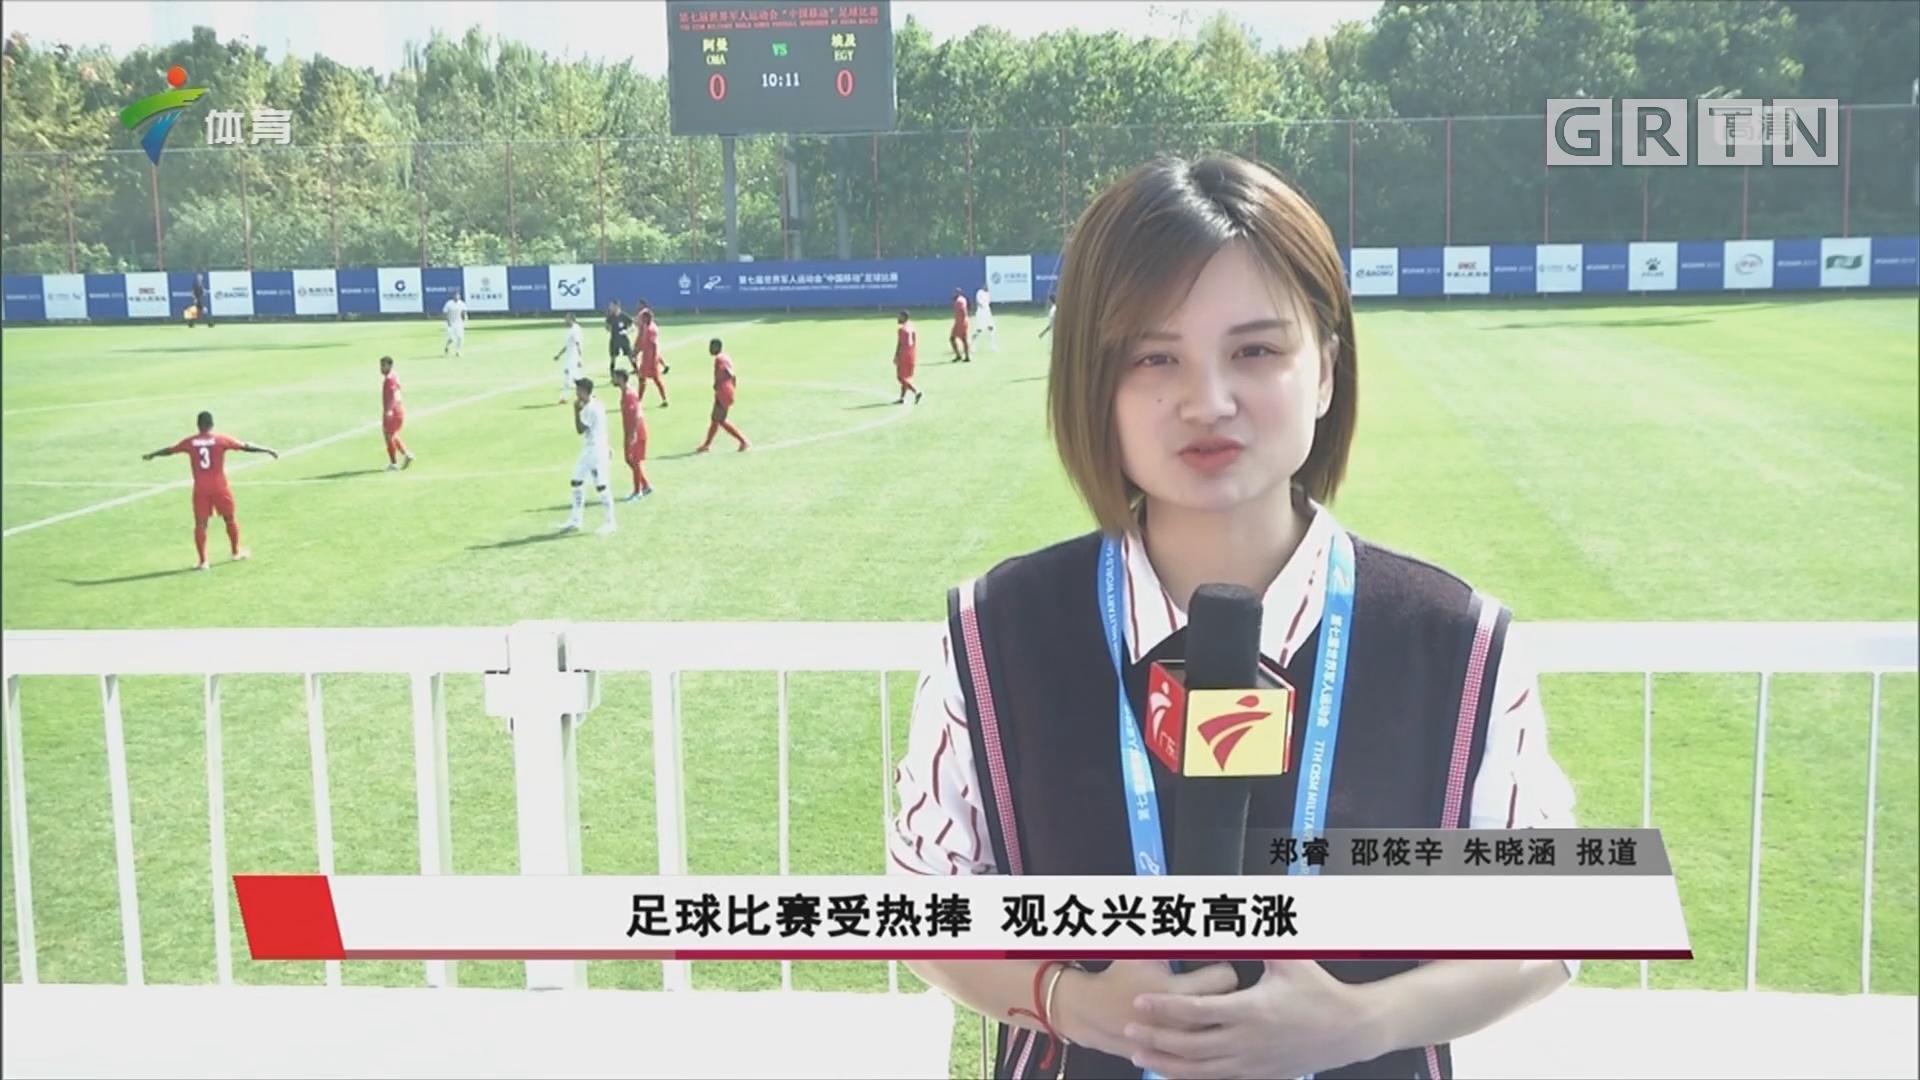 足球比赛受热捧 观众兴致高涨